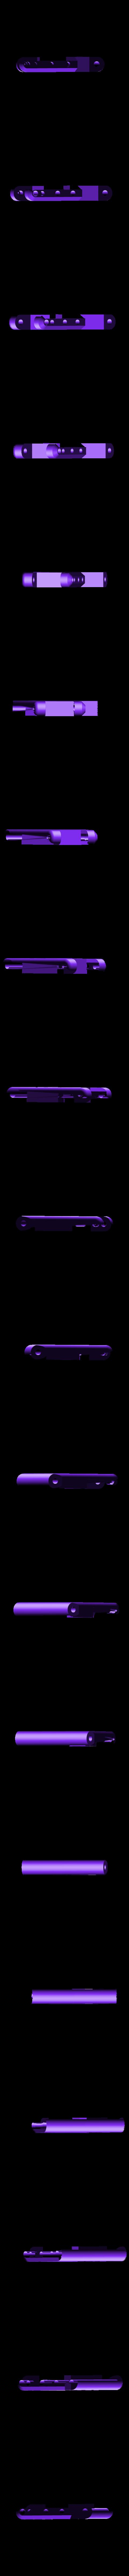 MRCC_OBTS_SUS_LA375_ONROAD.stl Download STL file MyRCCar 1/10 On-Road Build for Tesla Model S Body RC Car • 3D print object, dlb5